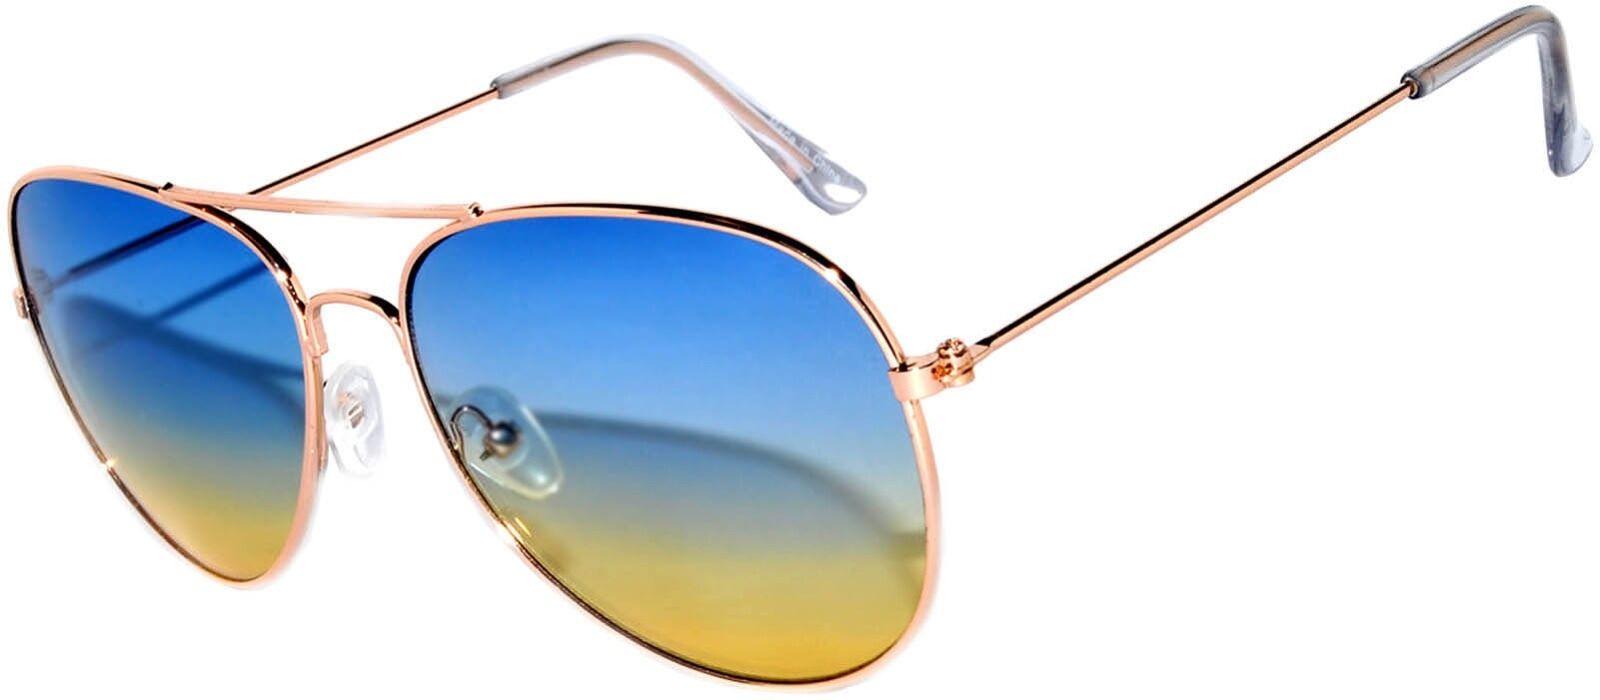 OWL Sunglasses 064 C3 Women's Men's Aviator Gold Frame B